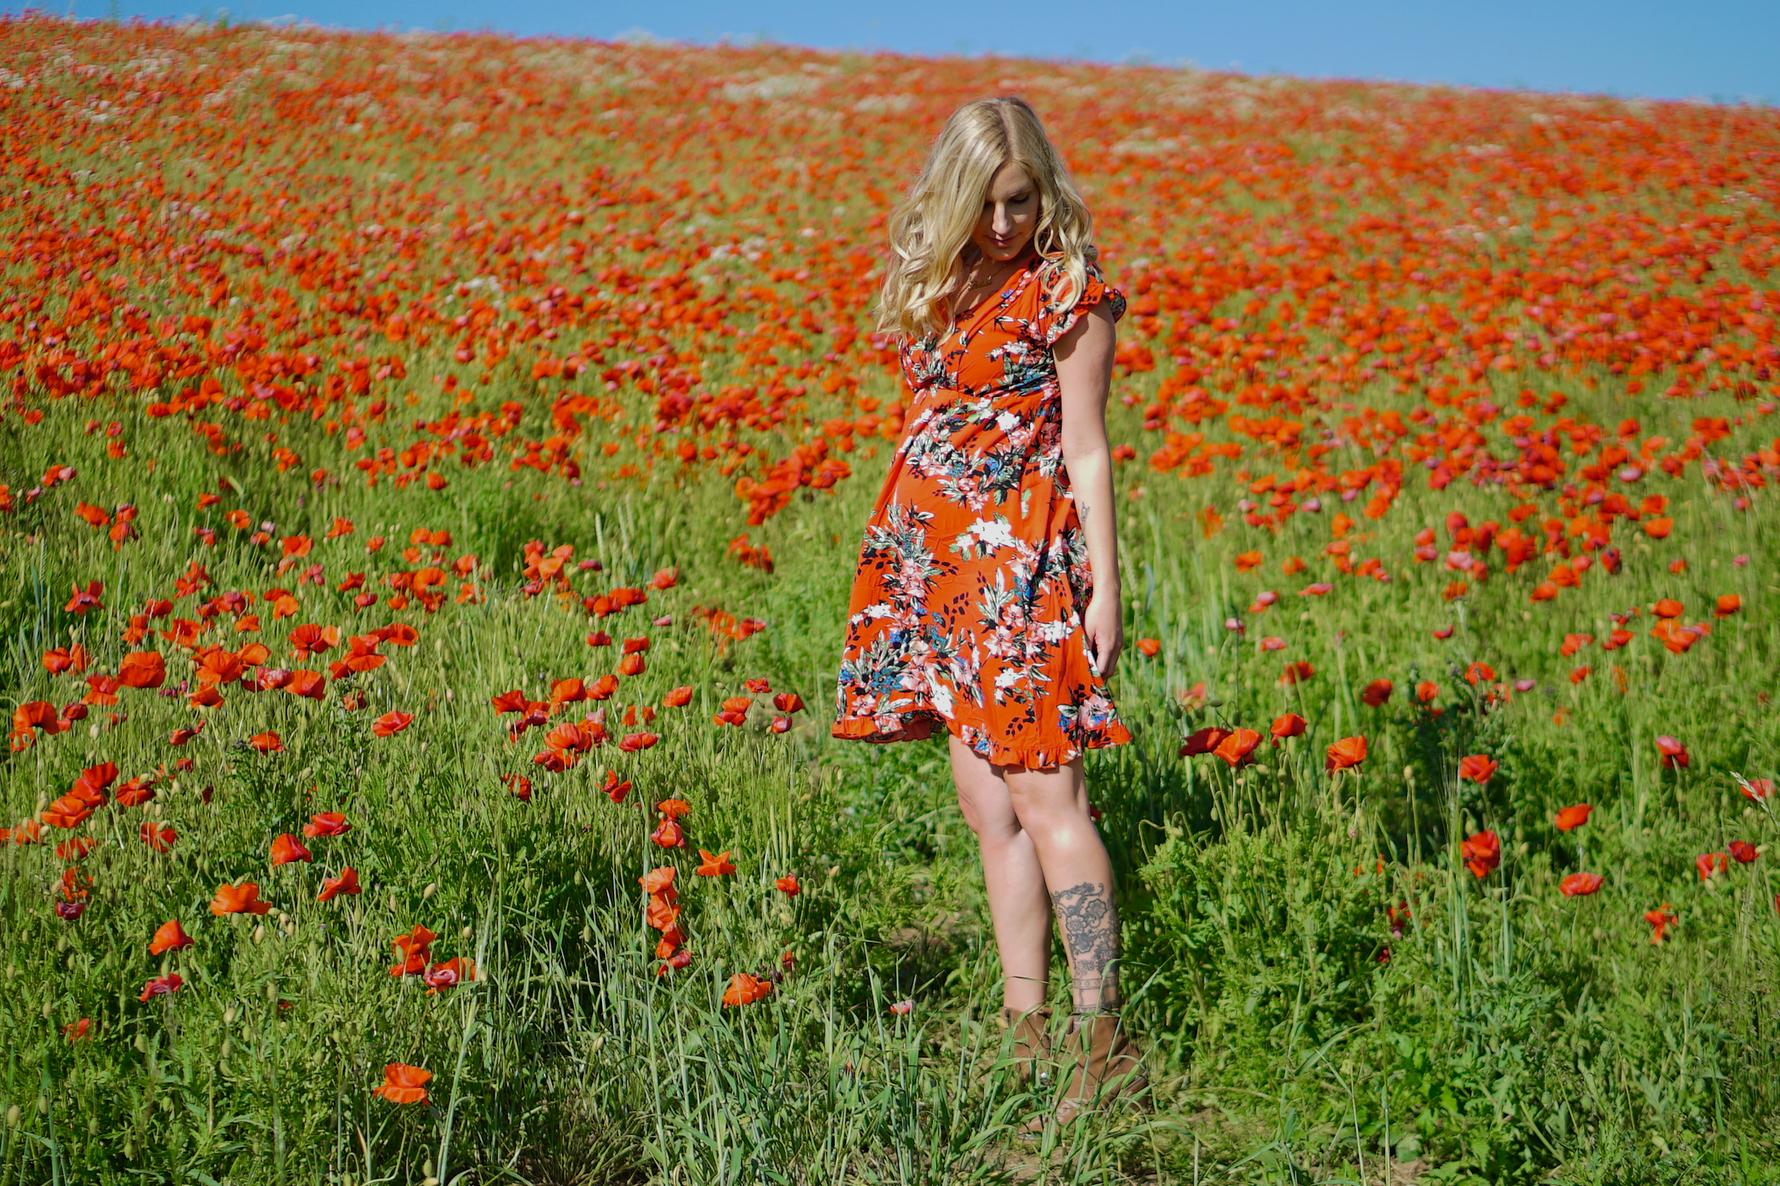 Red Dress in a Poppy Field